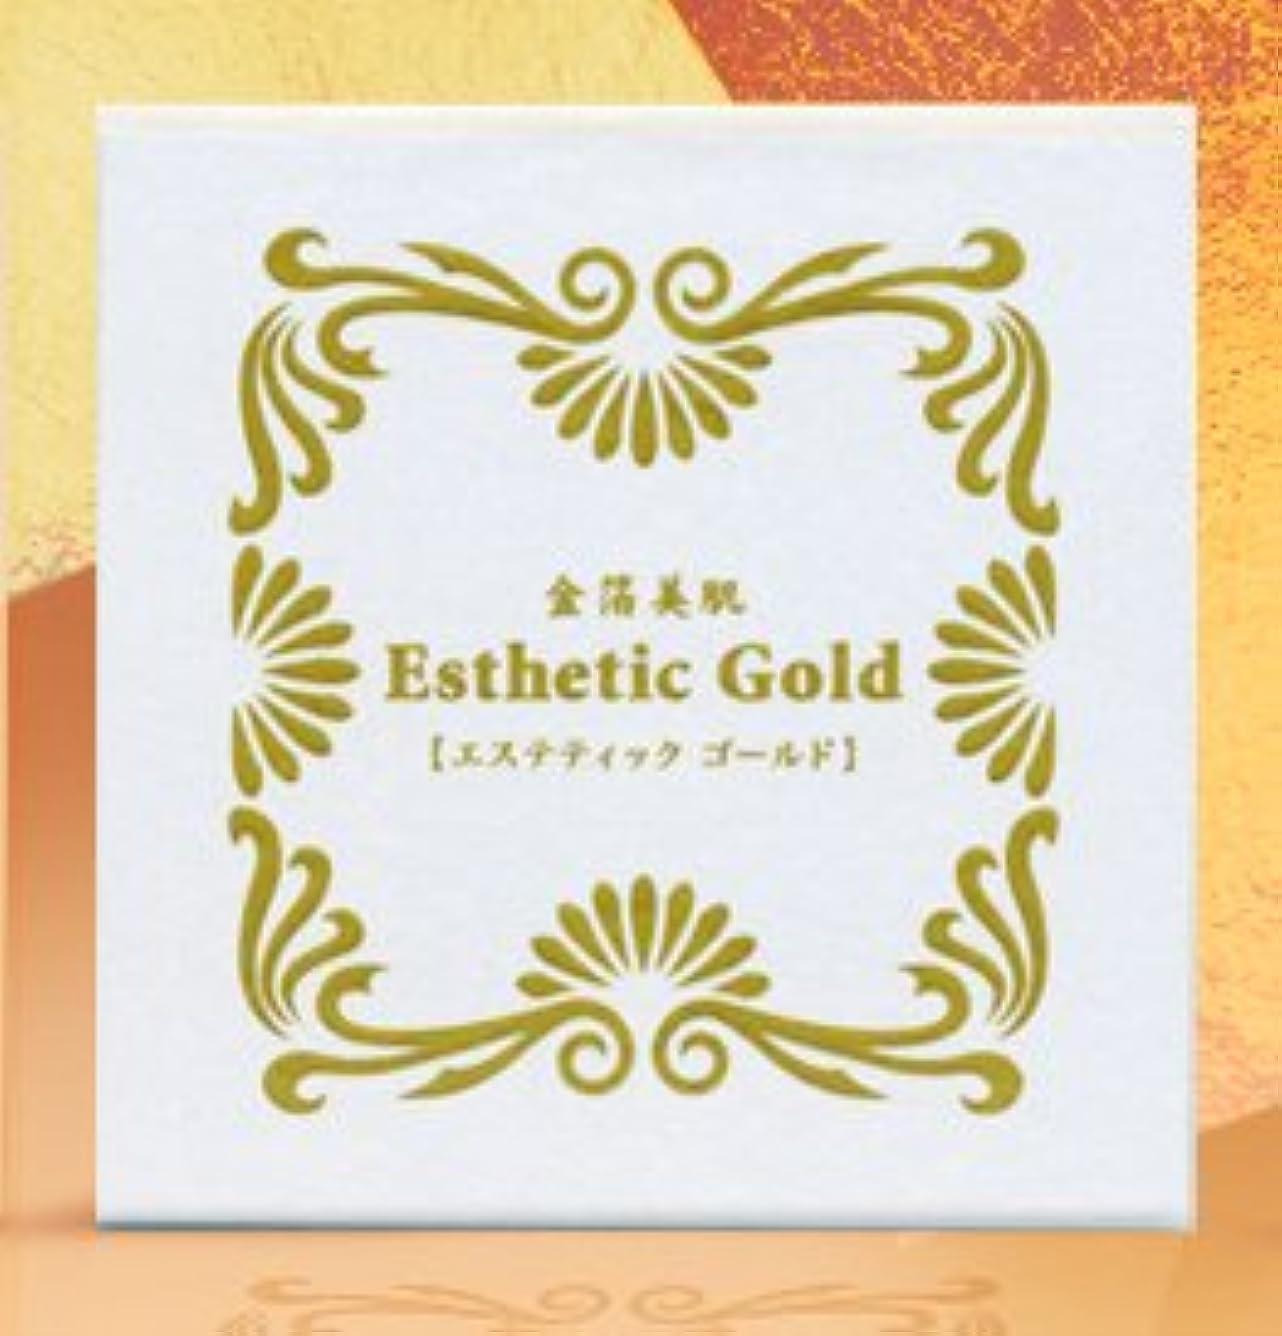 定期的なフランクワースリー効率的に【金箔 美肌】エステティック ゴールド 華10枚入【日本製】